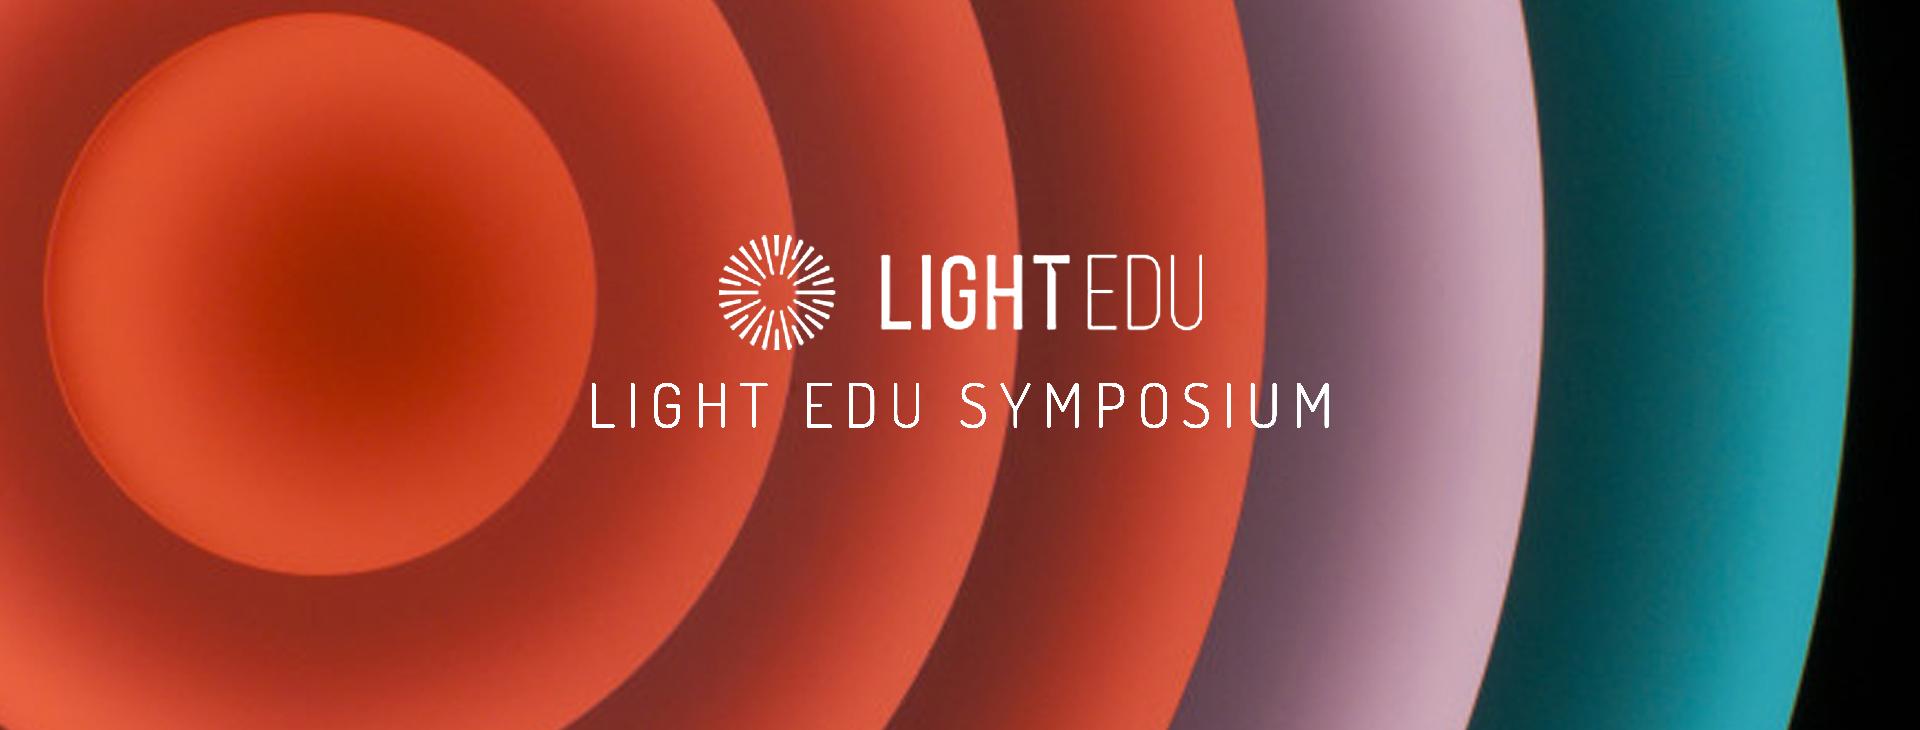 LIGHT EDU Symposium, Timisoara, Romania, 3 - 5 October 2016